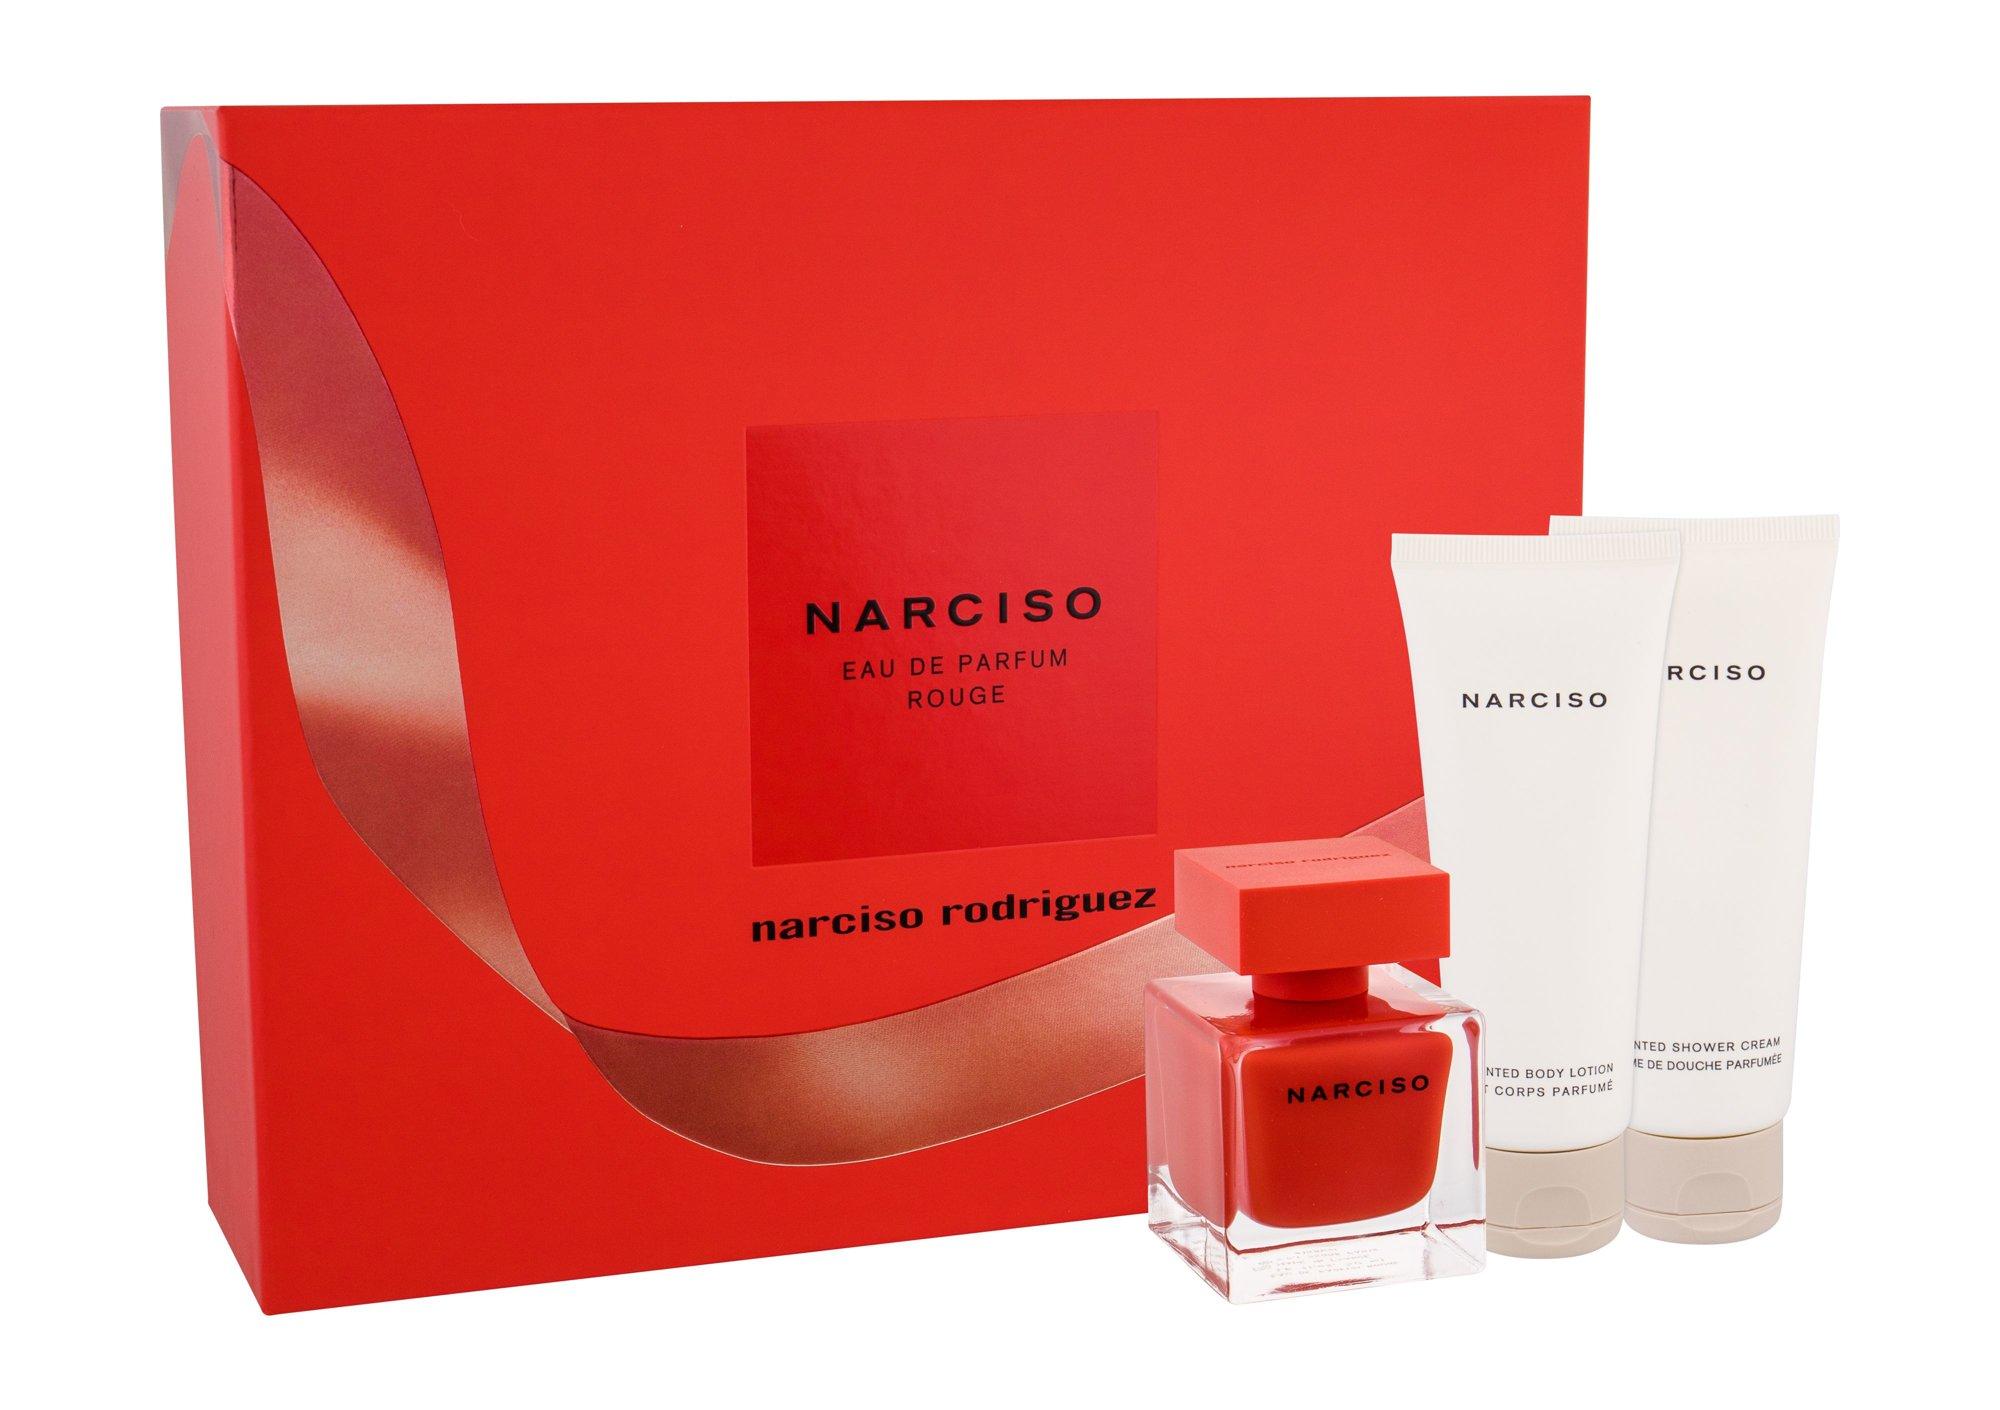 Narciso Rodriguez Narciso Eau de Parfum 50ml  Rouge